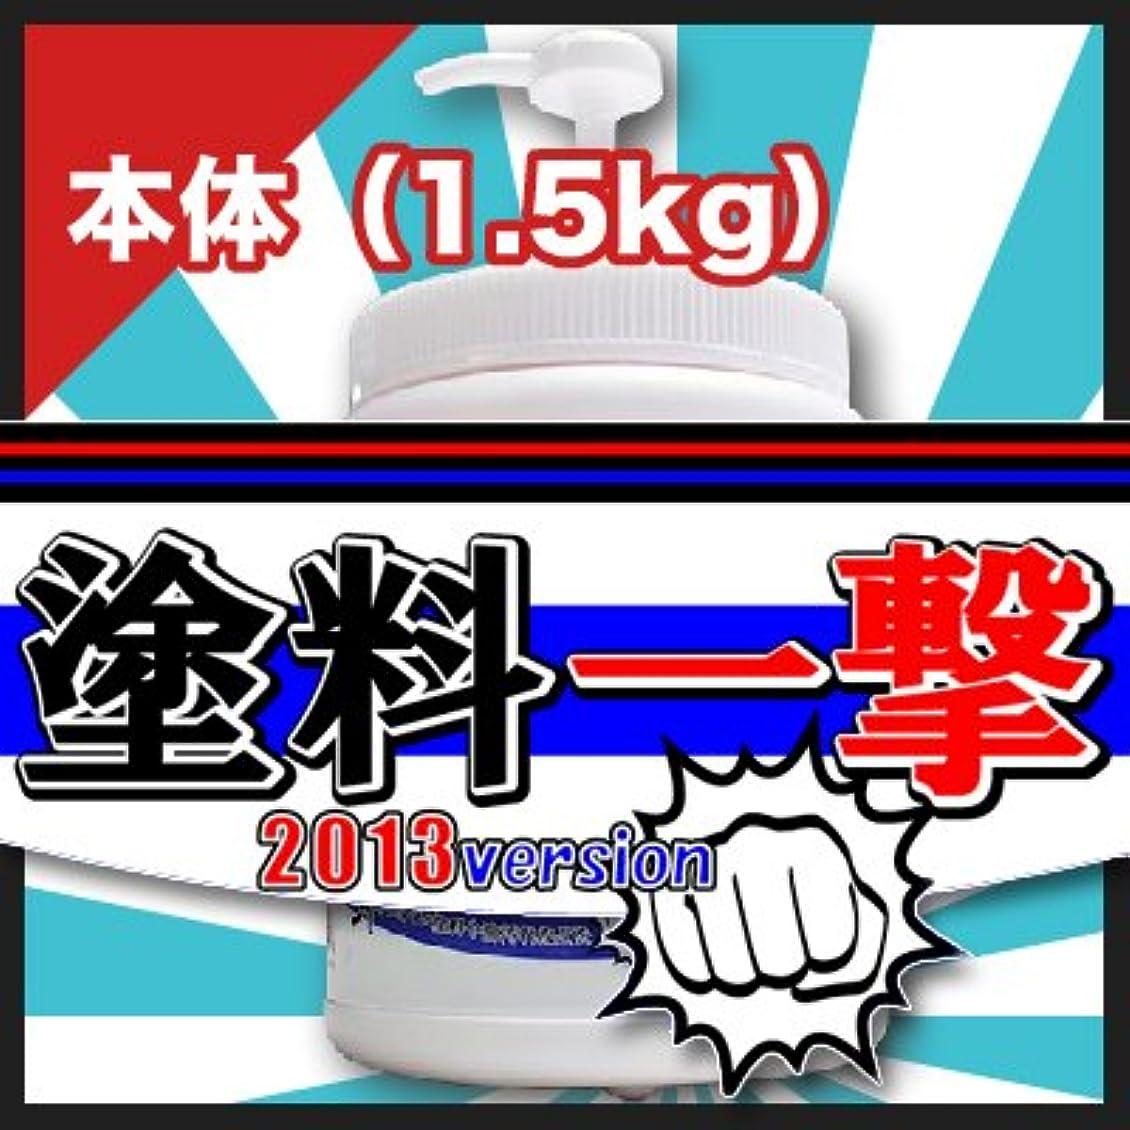 煙後方ミントD.Iプランニング 塗料一撃 2013 Version 本体 (1.5kg)